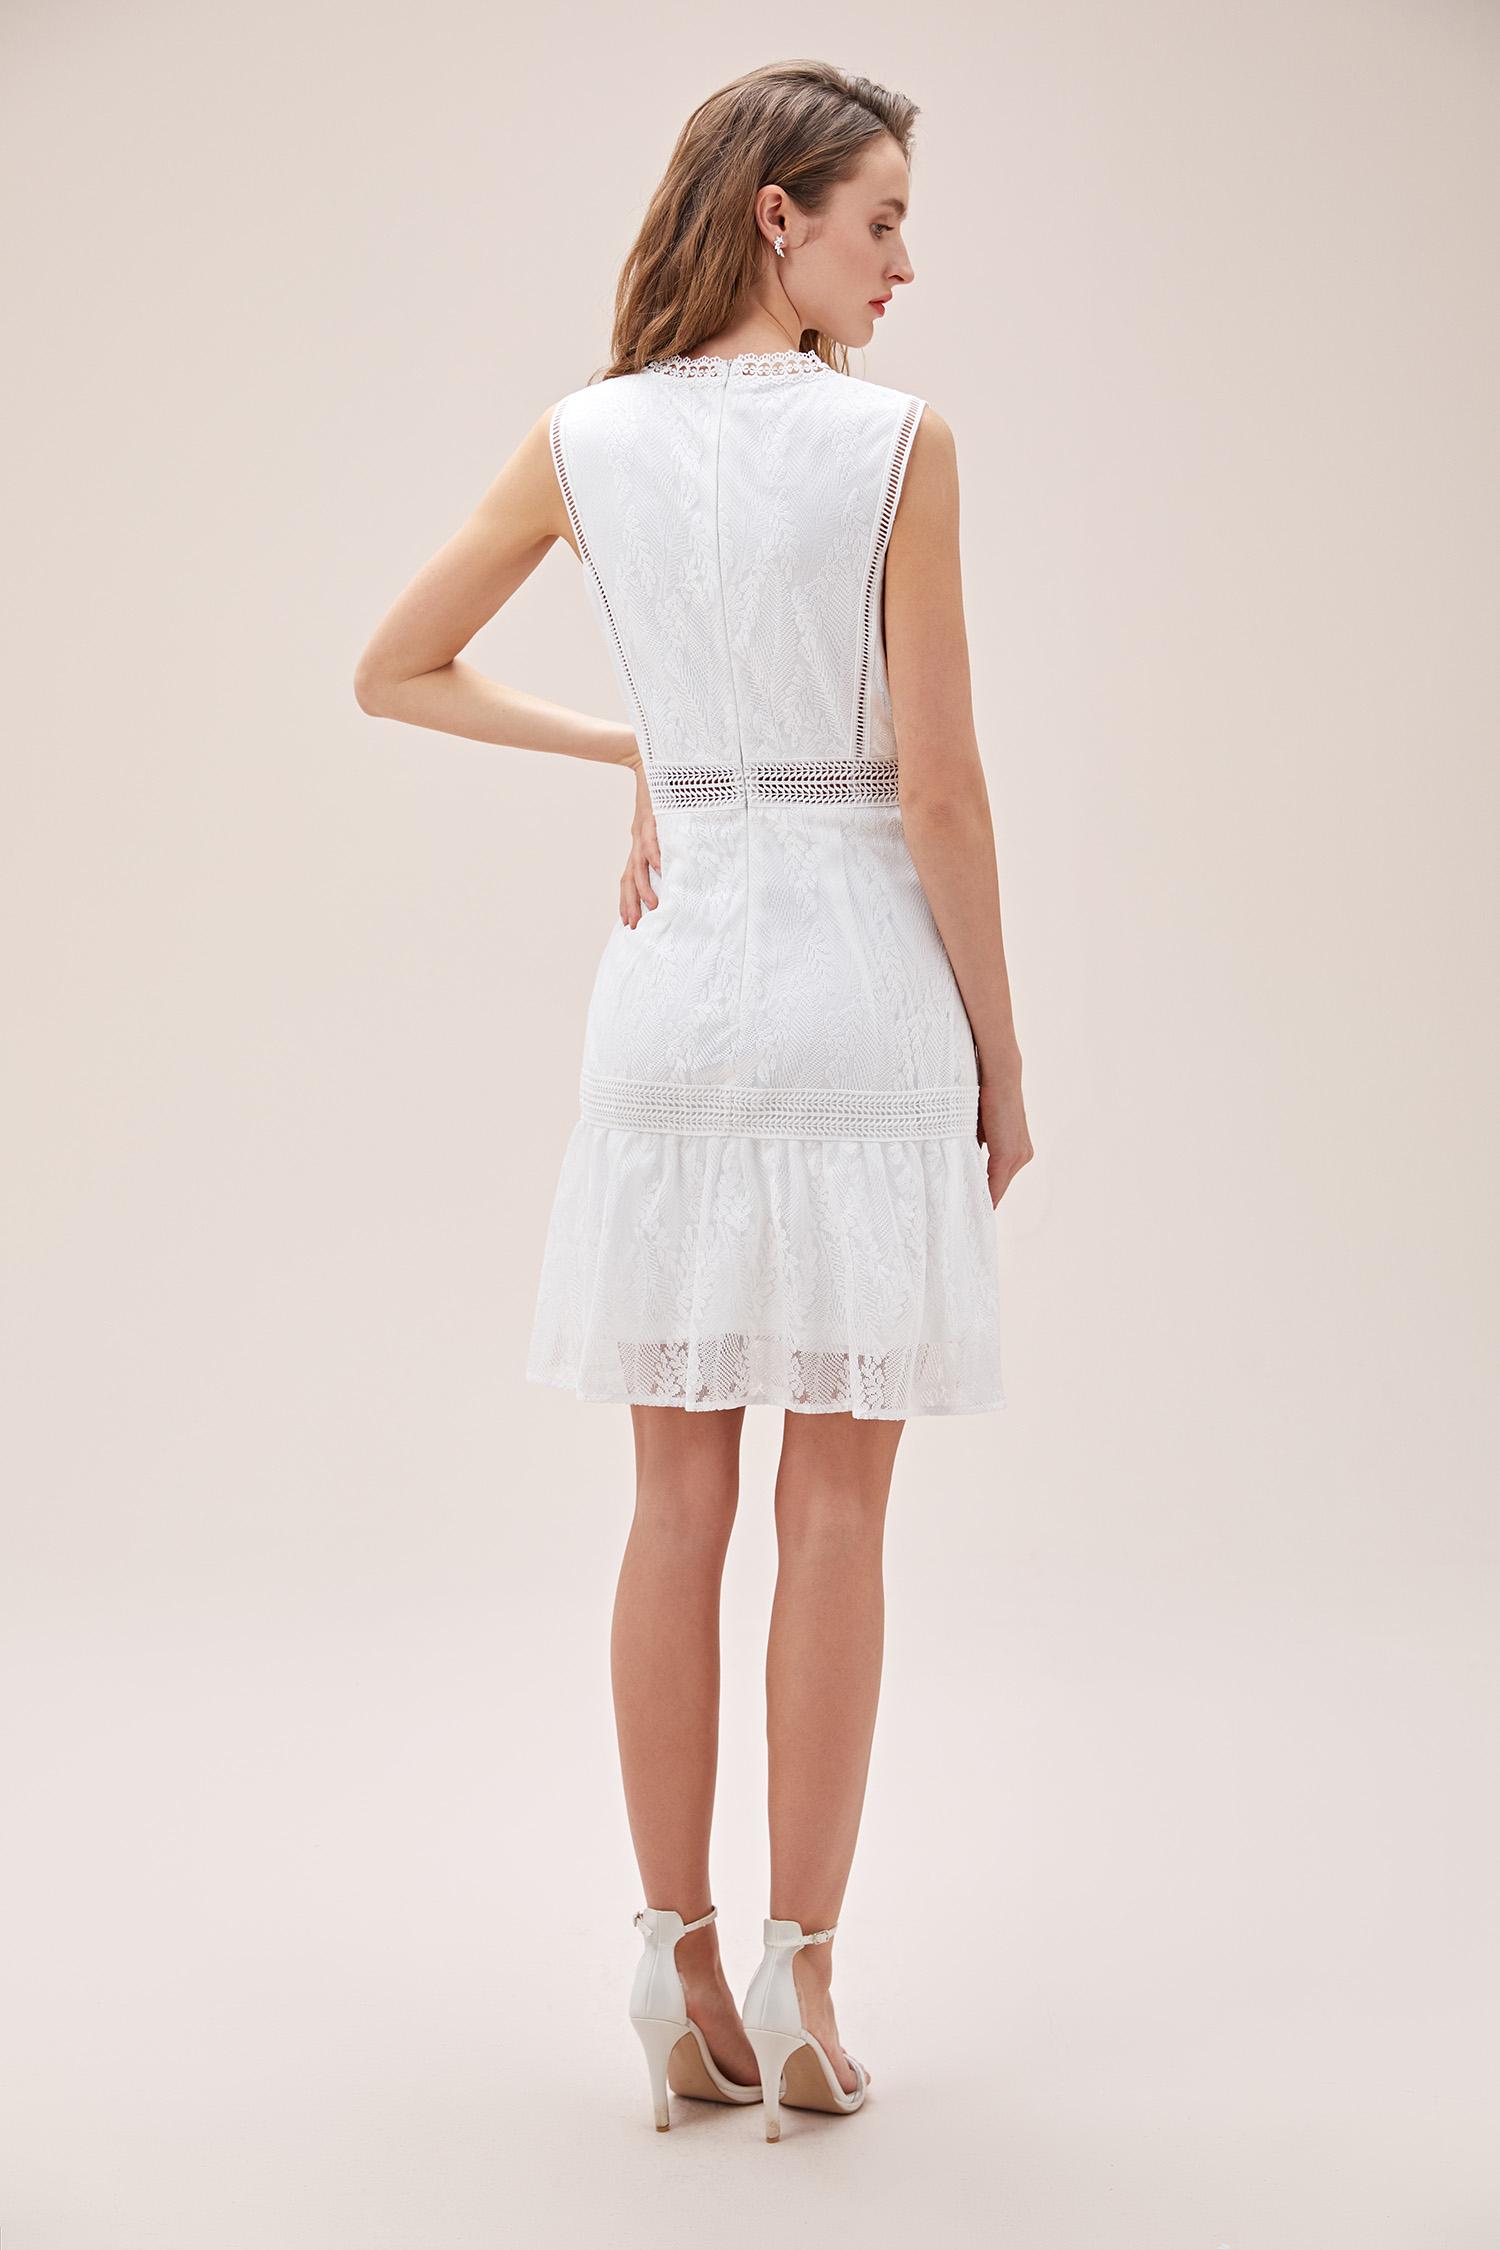 Beyaz Dantel İşlemeli Askılı Yüksek Yaka Kısa Nikah Elbisesi - Thumbnail